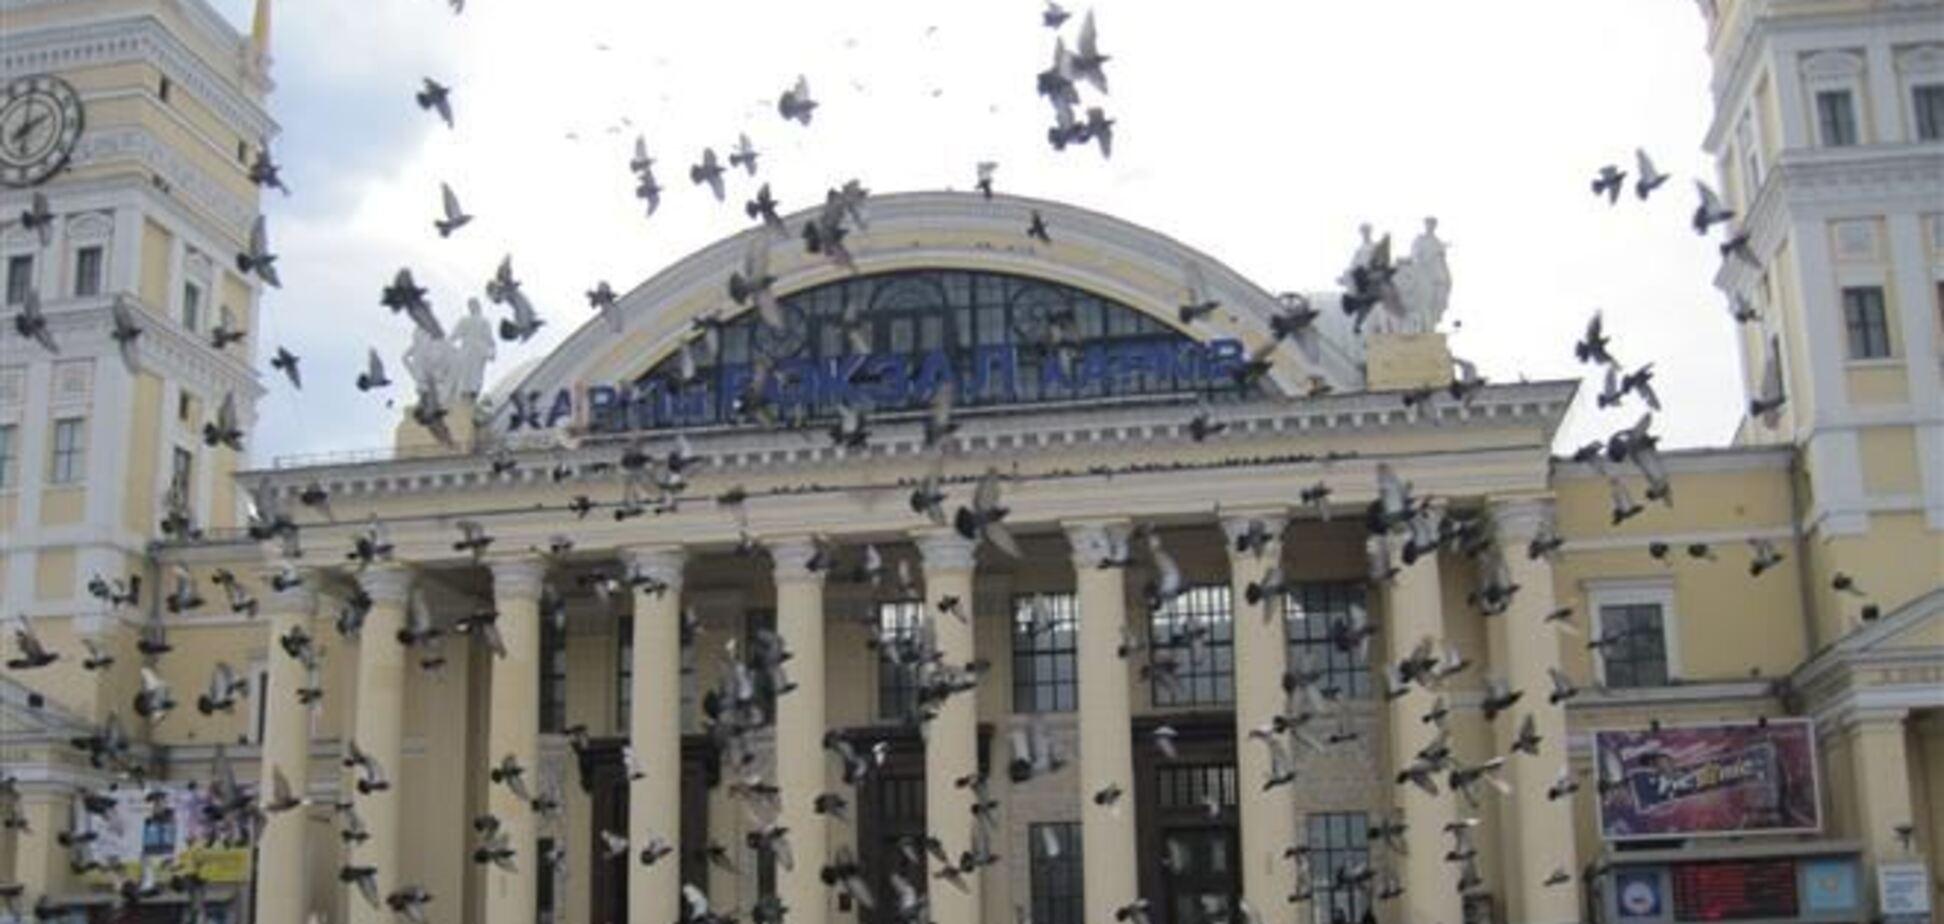 Почти 2 тысячи человек эвакуировали с вокзала Харькова из-за угрозы минирования